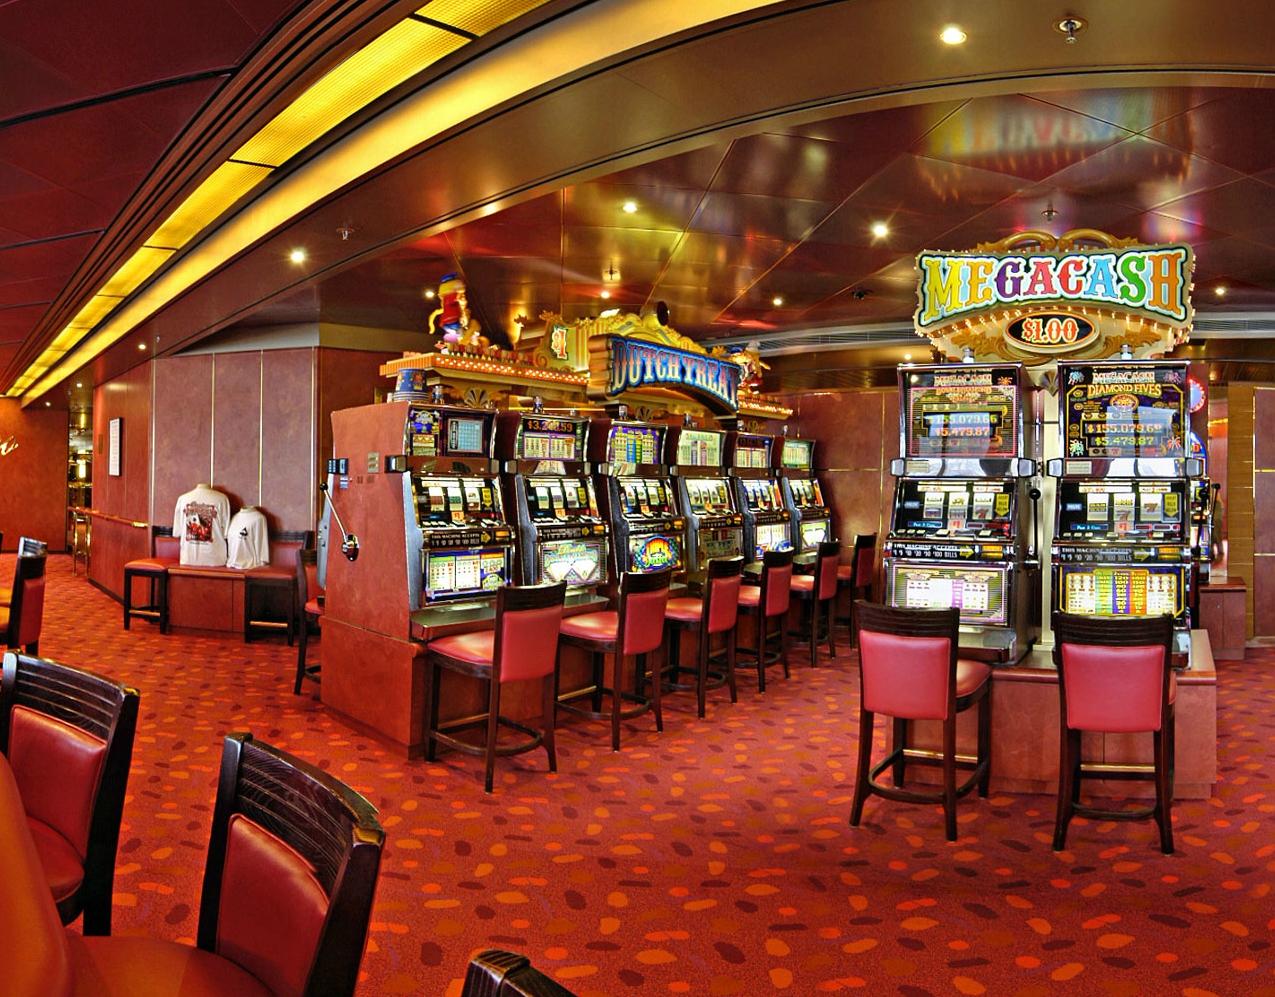 Strike it rich казино перевод